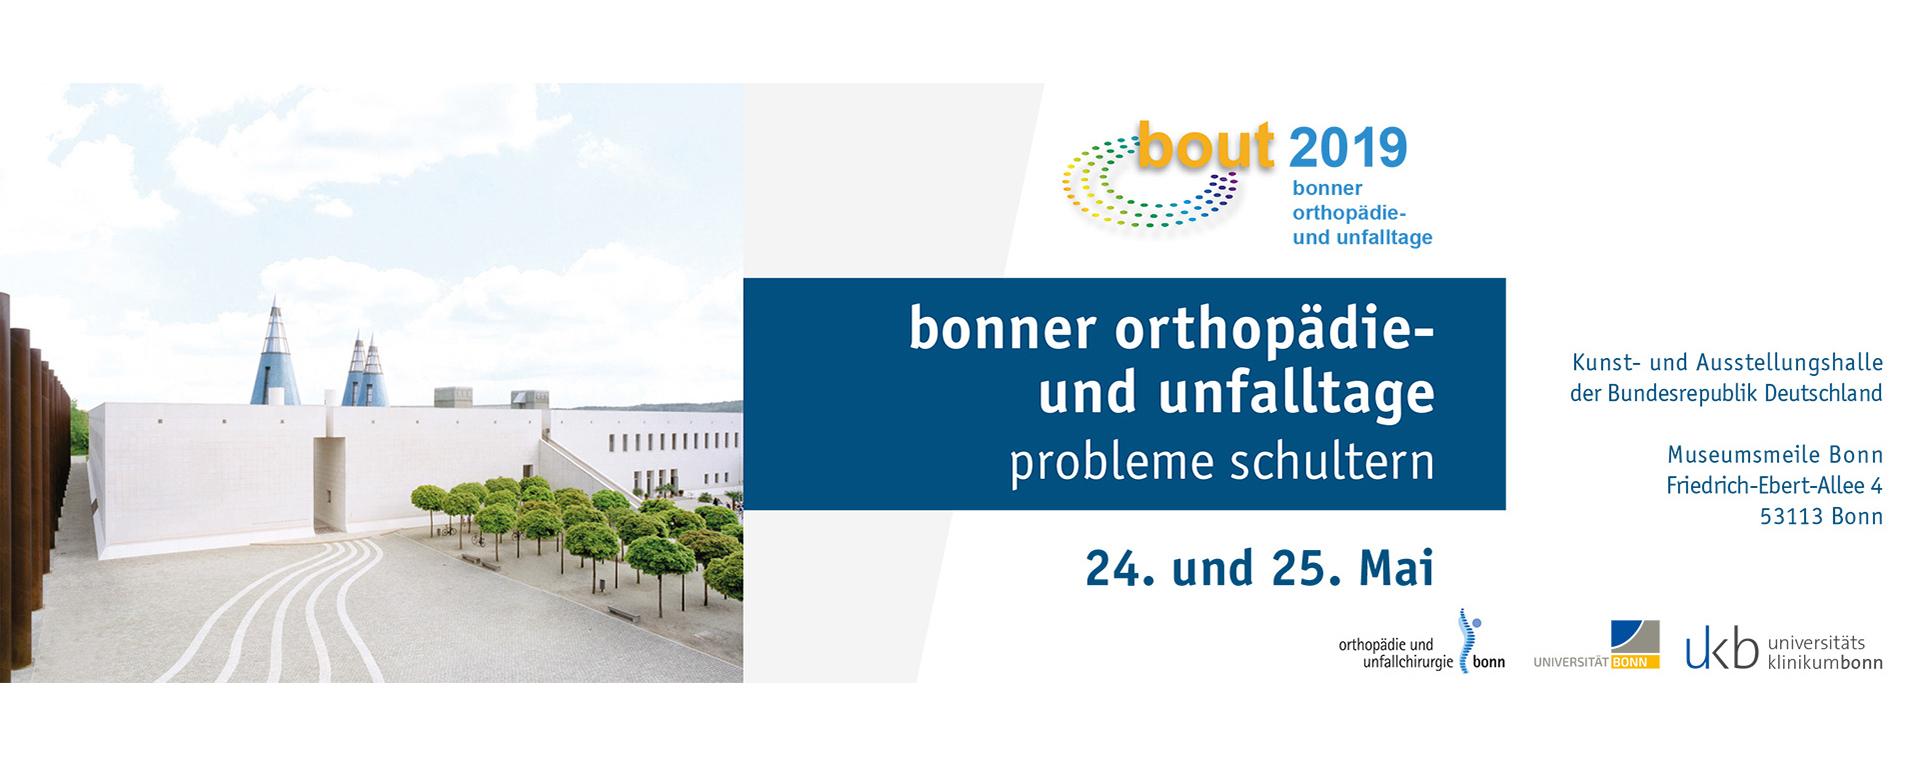 Bonner Orthopädie- und Unfalltage